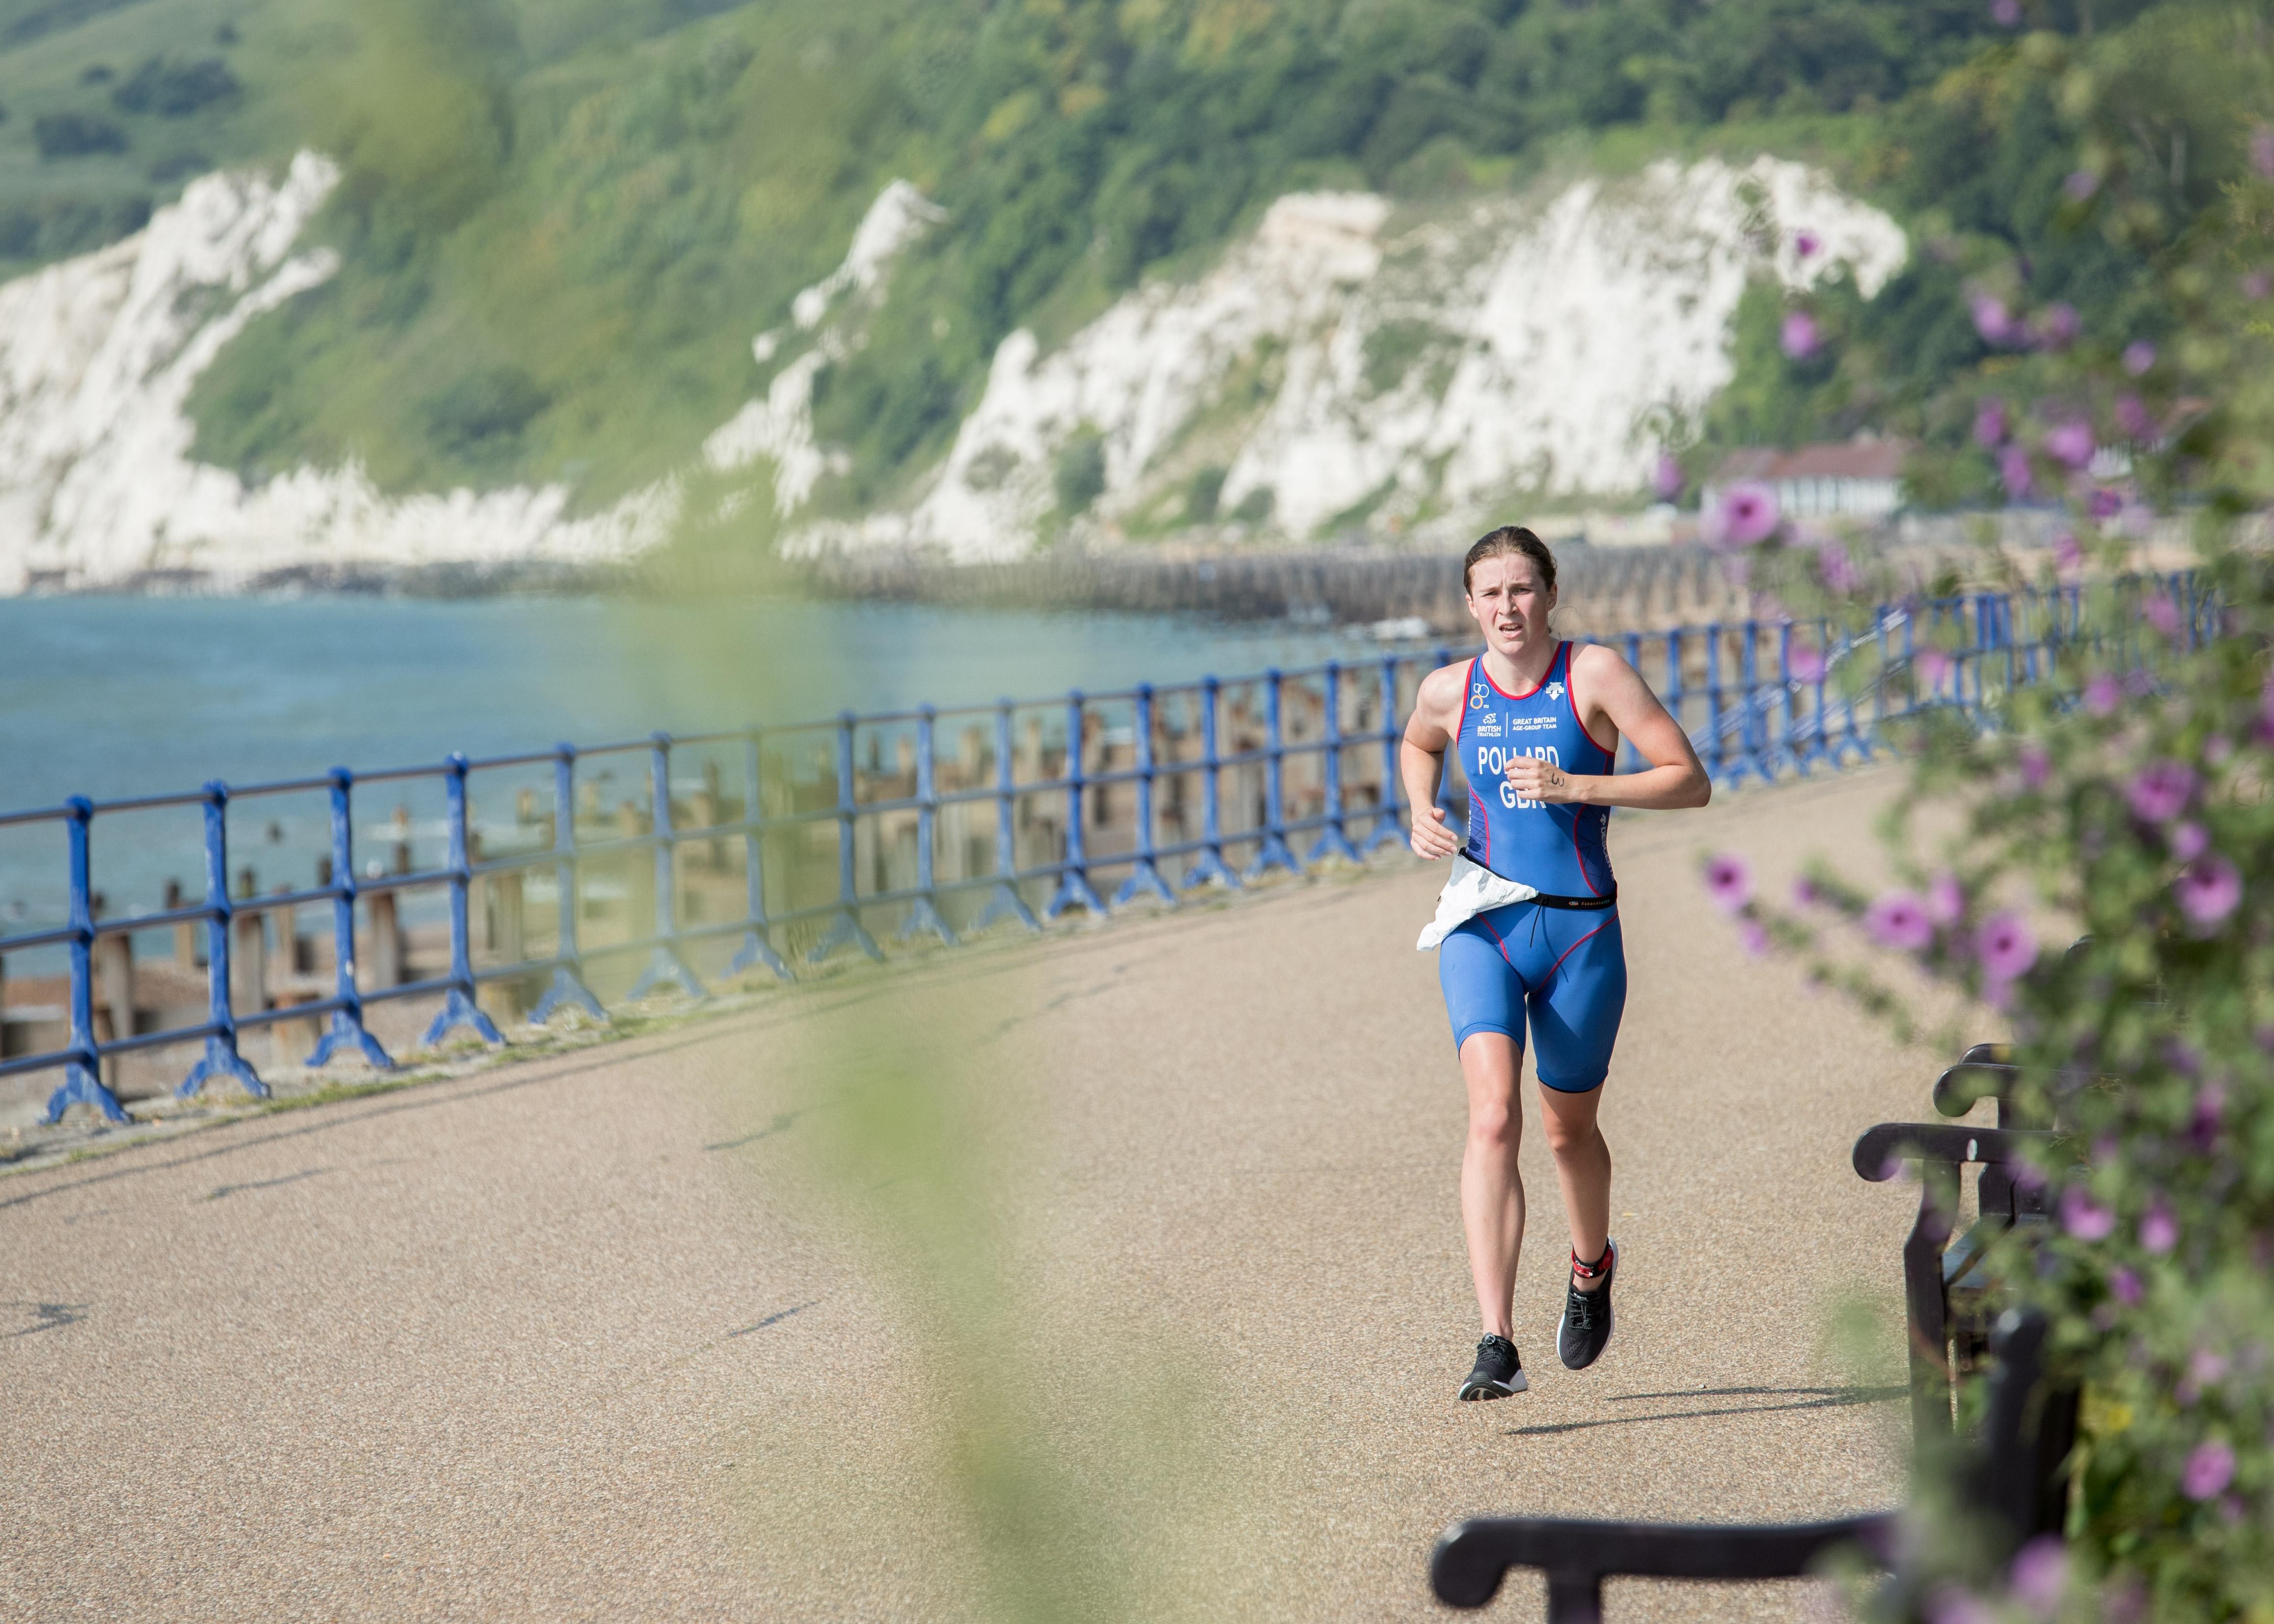 Eastbourne Aquathlon - cover image